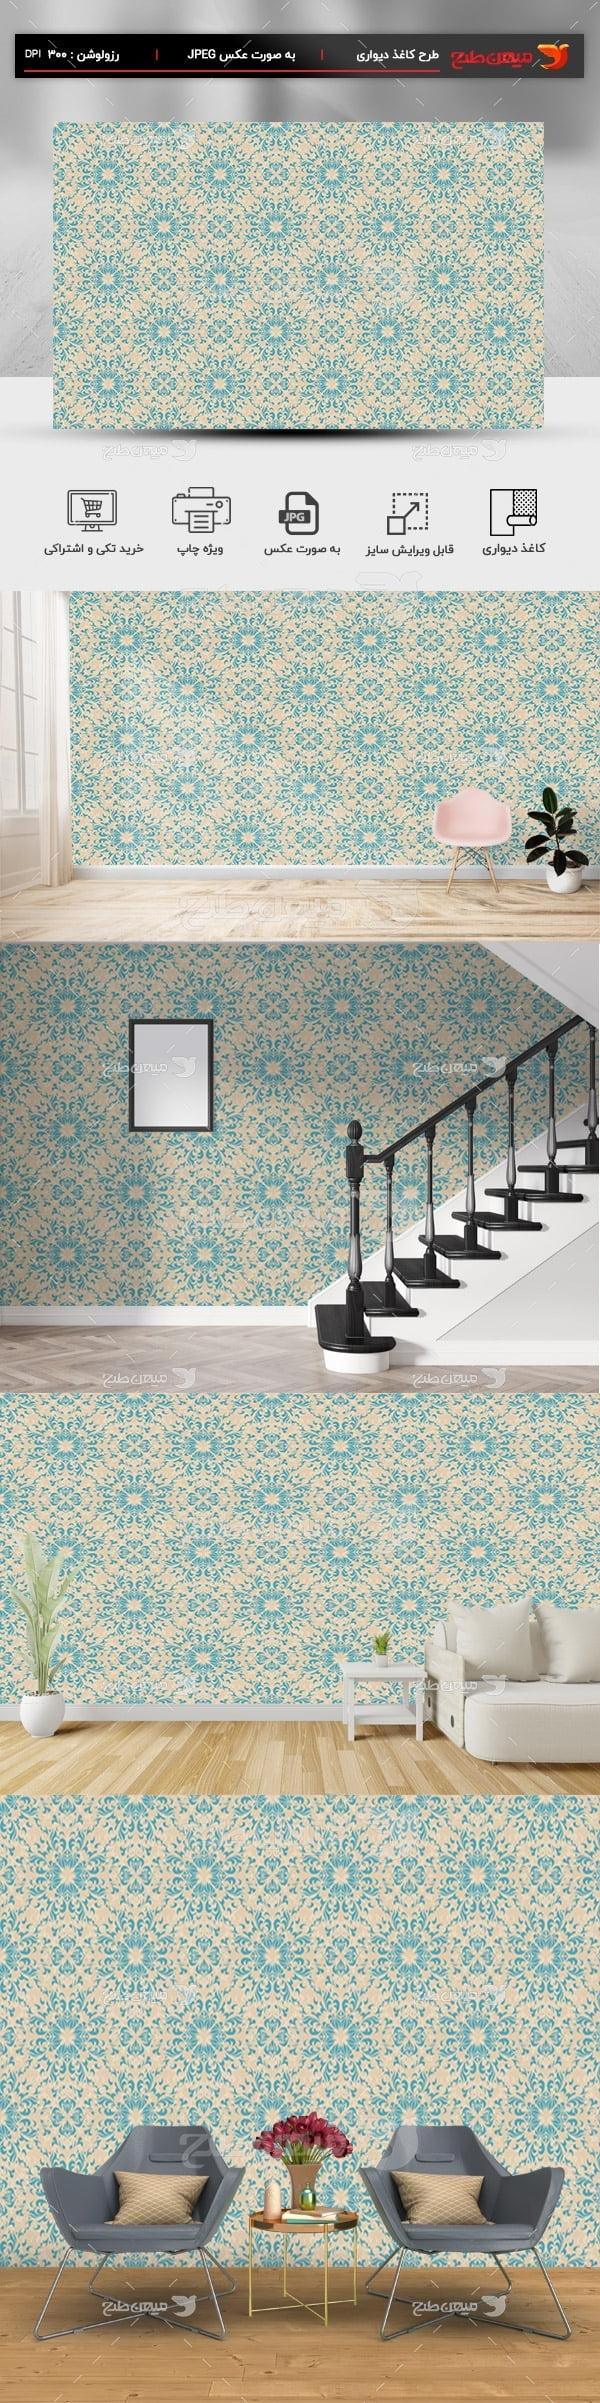 پوستر کاغذ دیواری ساده مدل طرح کرم و سبز آبی